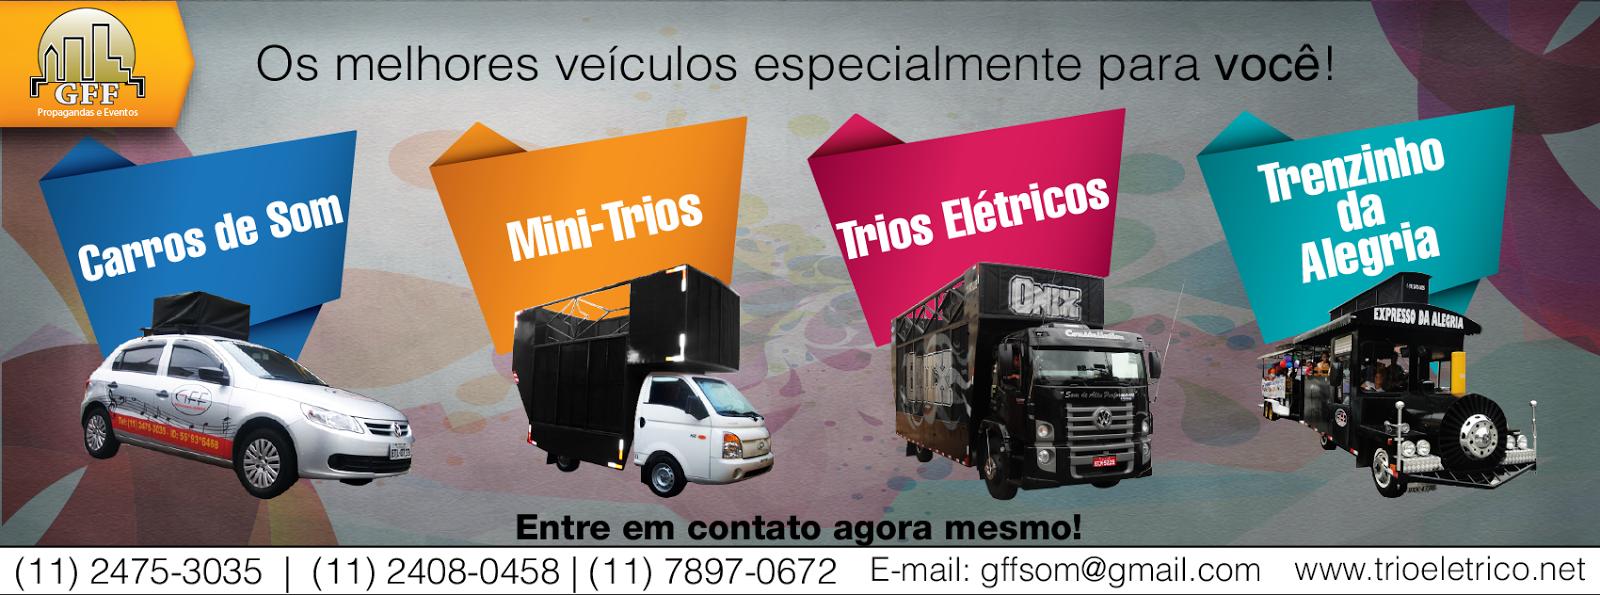 Aluguel de Carro de som, Trio elétrico, Mini trio e Trenzinho da Alegria (11) 2475-3035 / 2408-0458